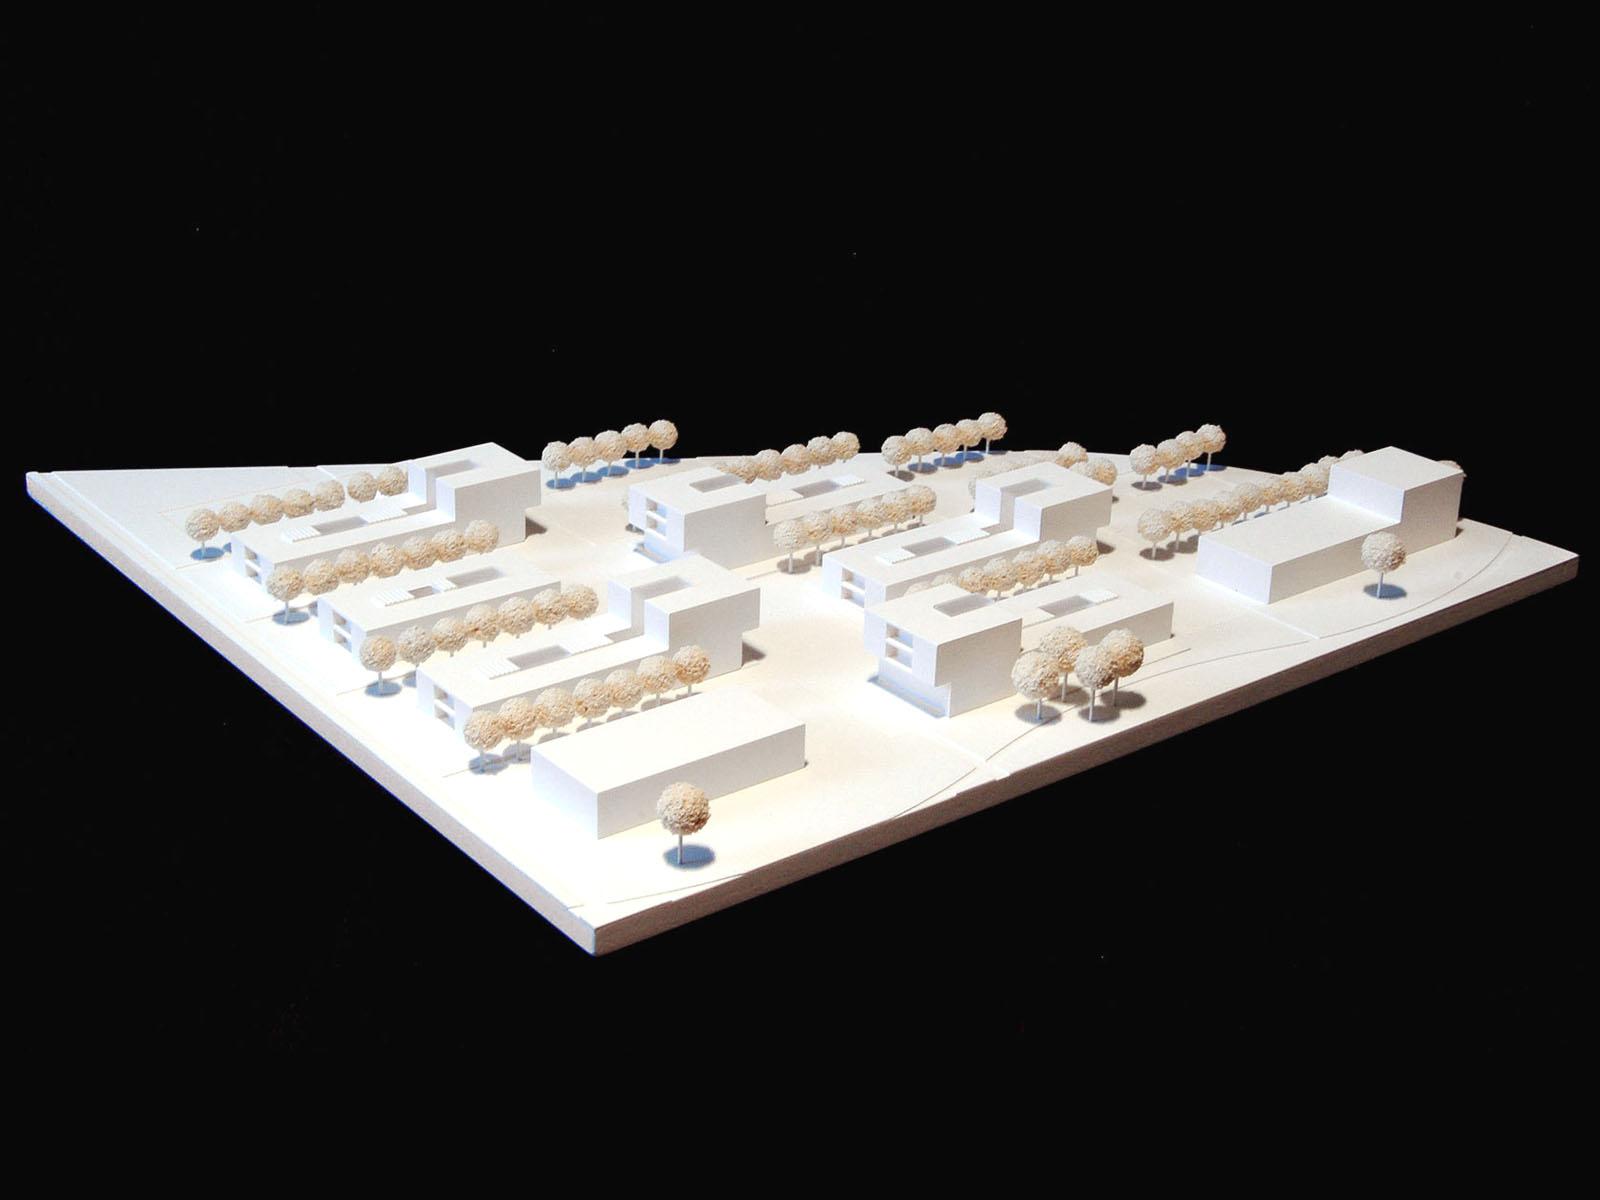 Modell-Neubau eines Studentenwohnheims in Augsburg-Wettbewerb-2009-5.Preis-© Friedrich-Poerschke-Zwink-Architekten